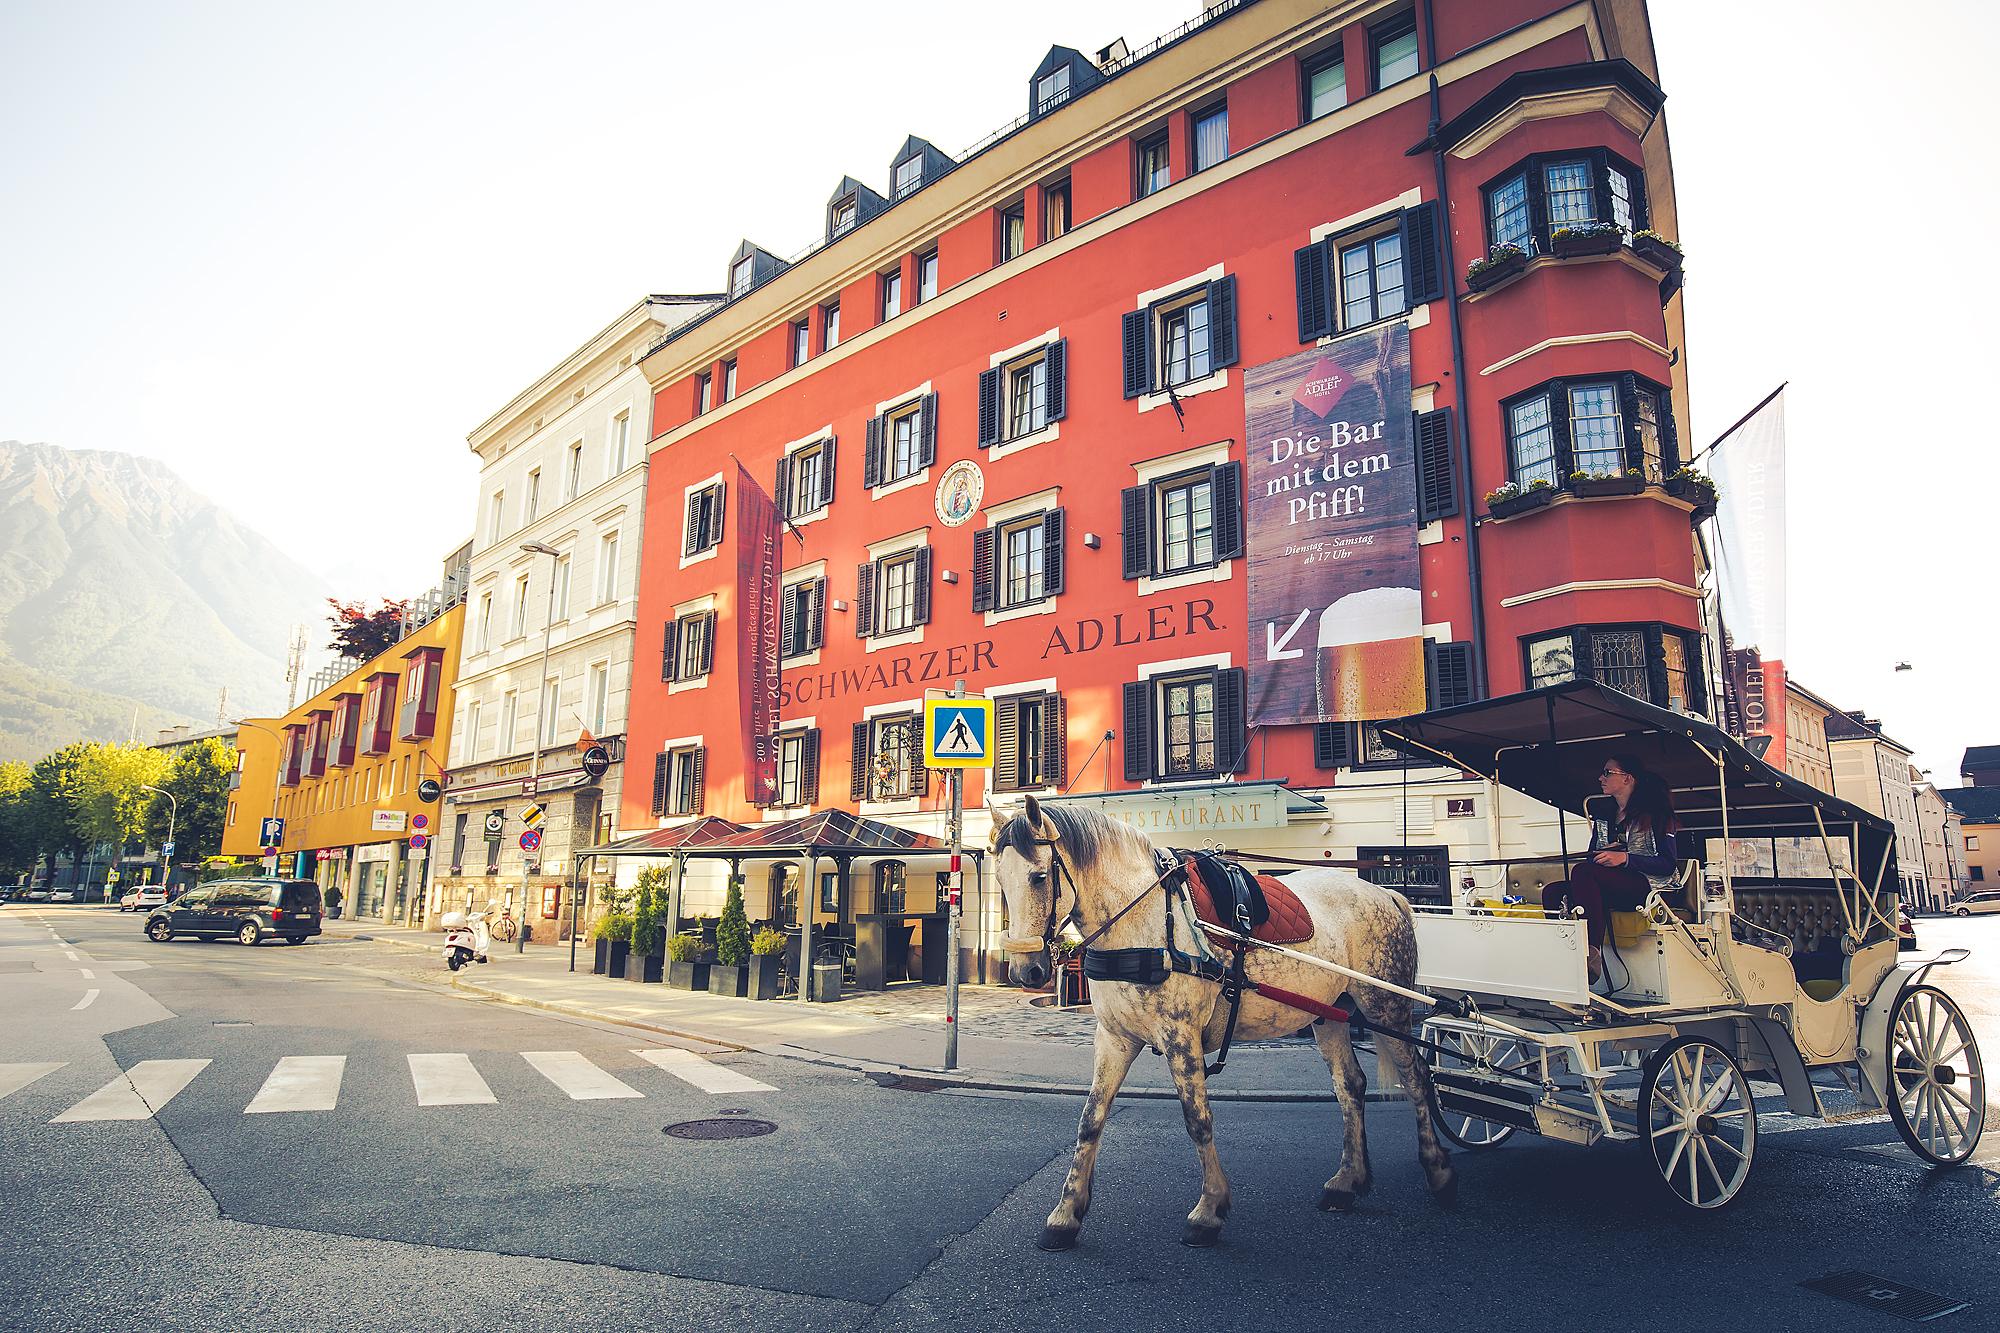 Hotel mit weissem Pferd und Kutsche